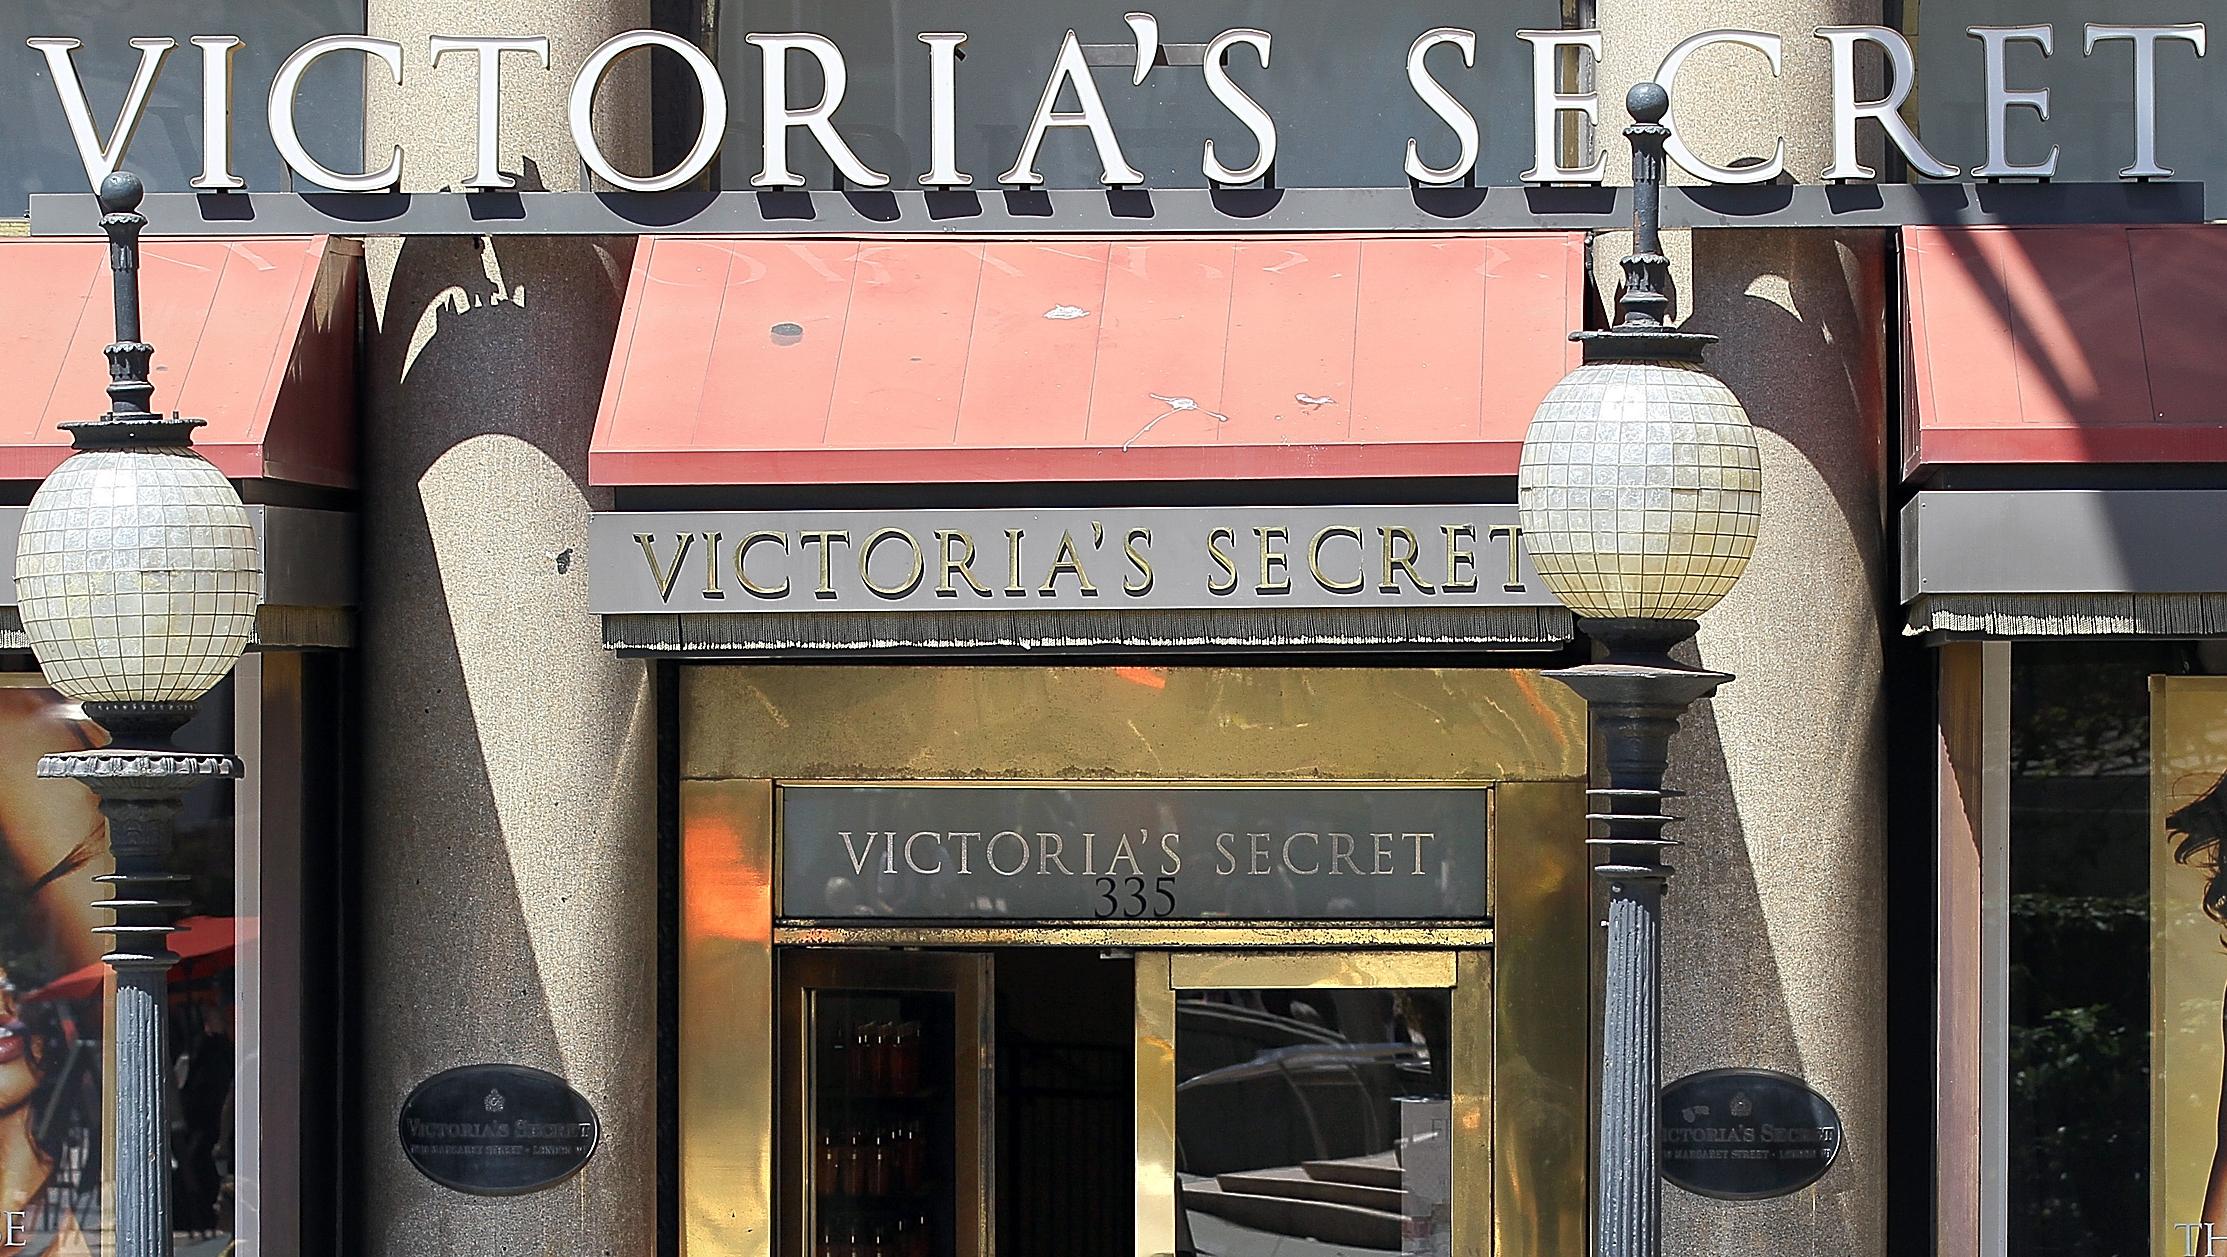 e9d8a4e96f0c5 Victoria's Secret ad campaign causes a stir - CBS News